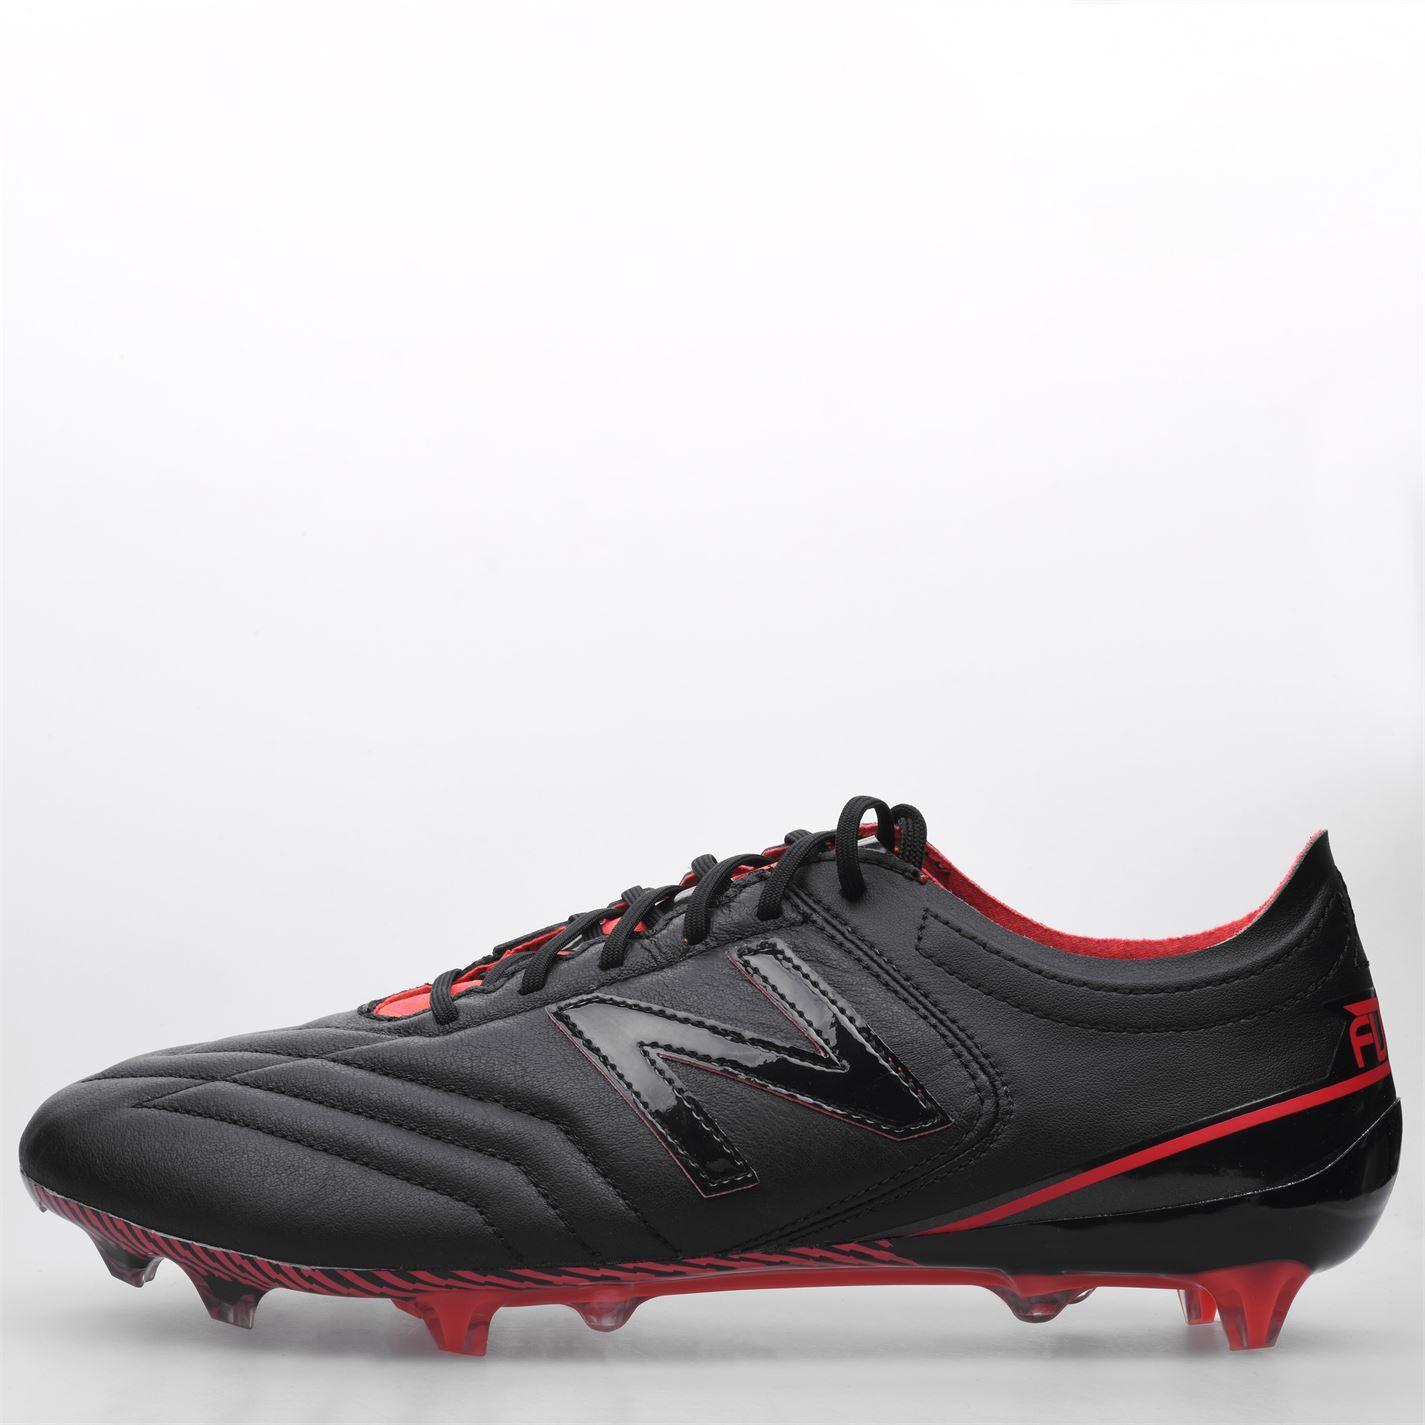 miniature 11 - New-Balance-Furon-3-0-K-cuir-homme-FG-Firm-Ground-Chaussures-De-Football-Soccer-Crampons